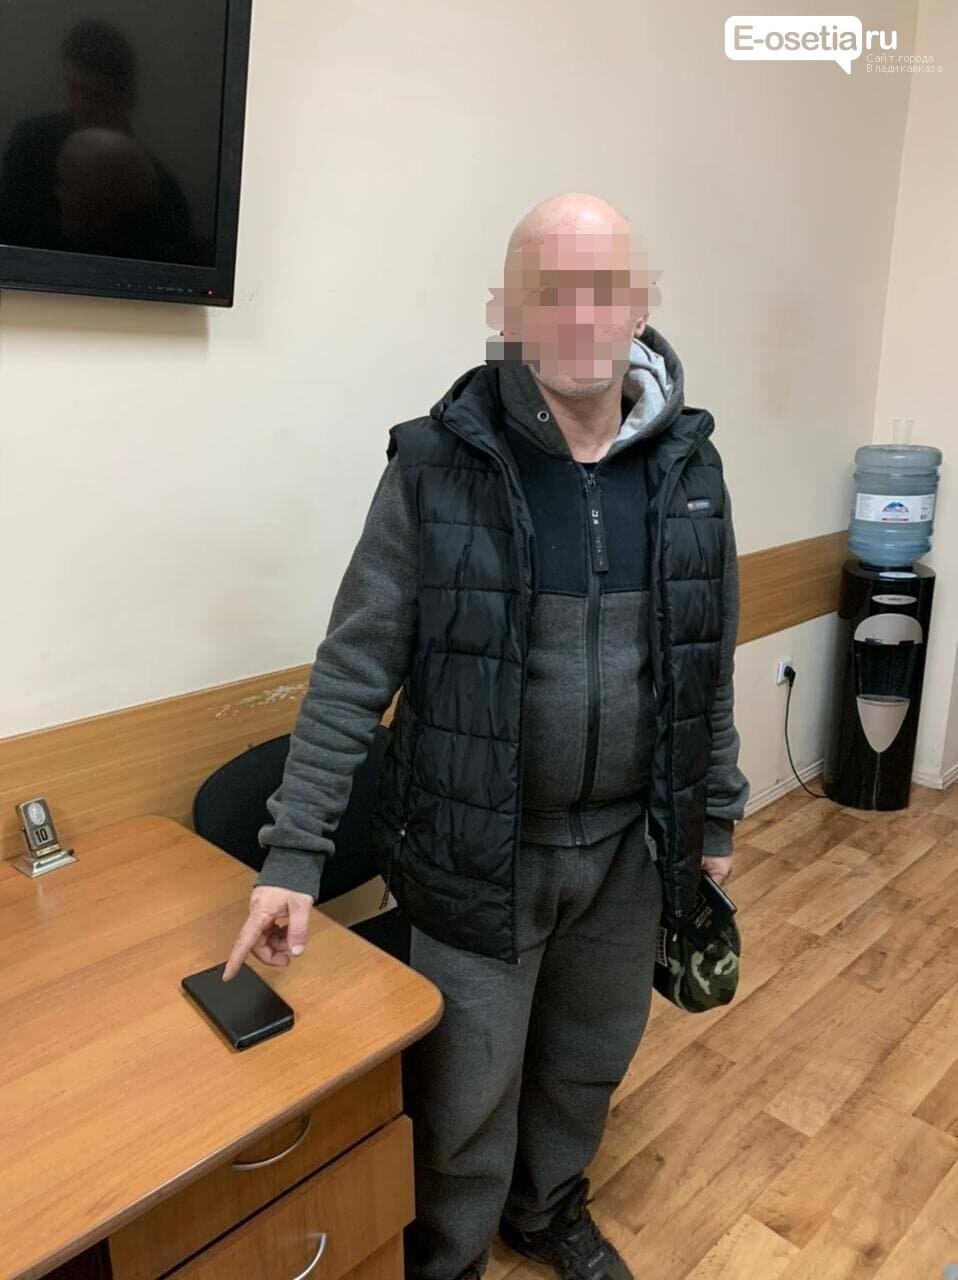 Задержан мужчина, укравший смартфон в поликлинике